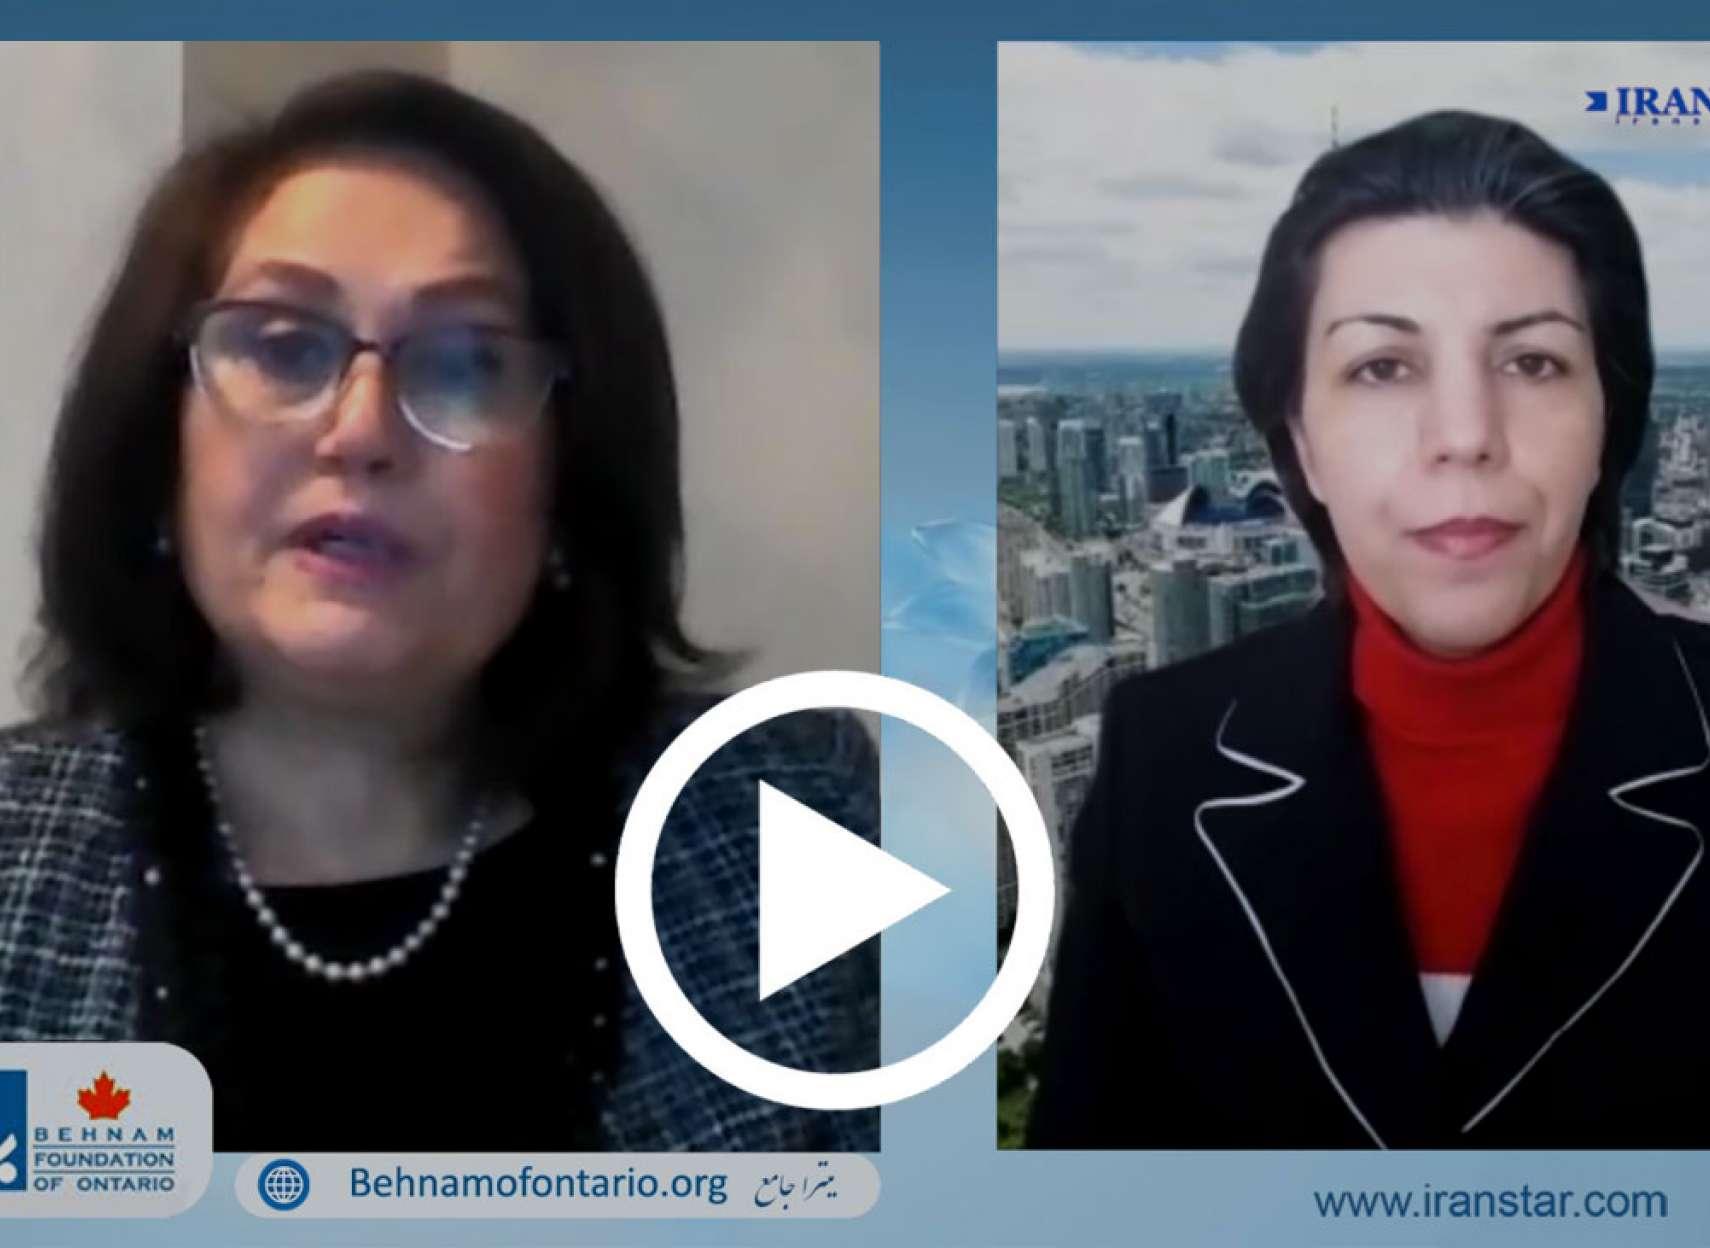 مصاحبه با میترا جامع مدیر موسسه خیریه بهنام: ساز و کار این خیریه چگونه است و منابع مالی آن چگونه تامین میشود؟